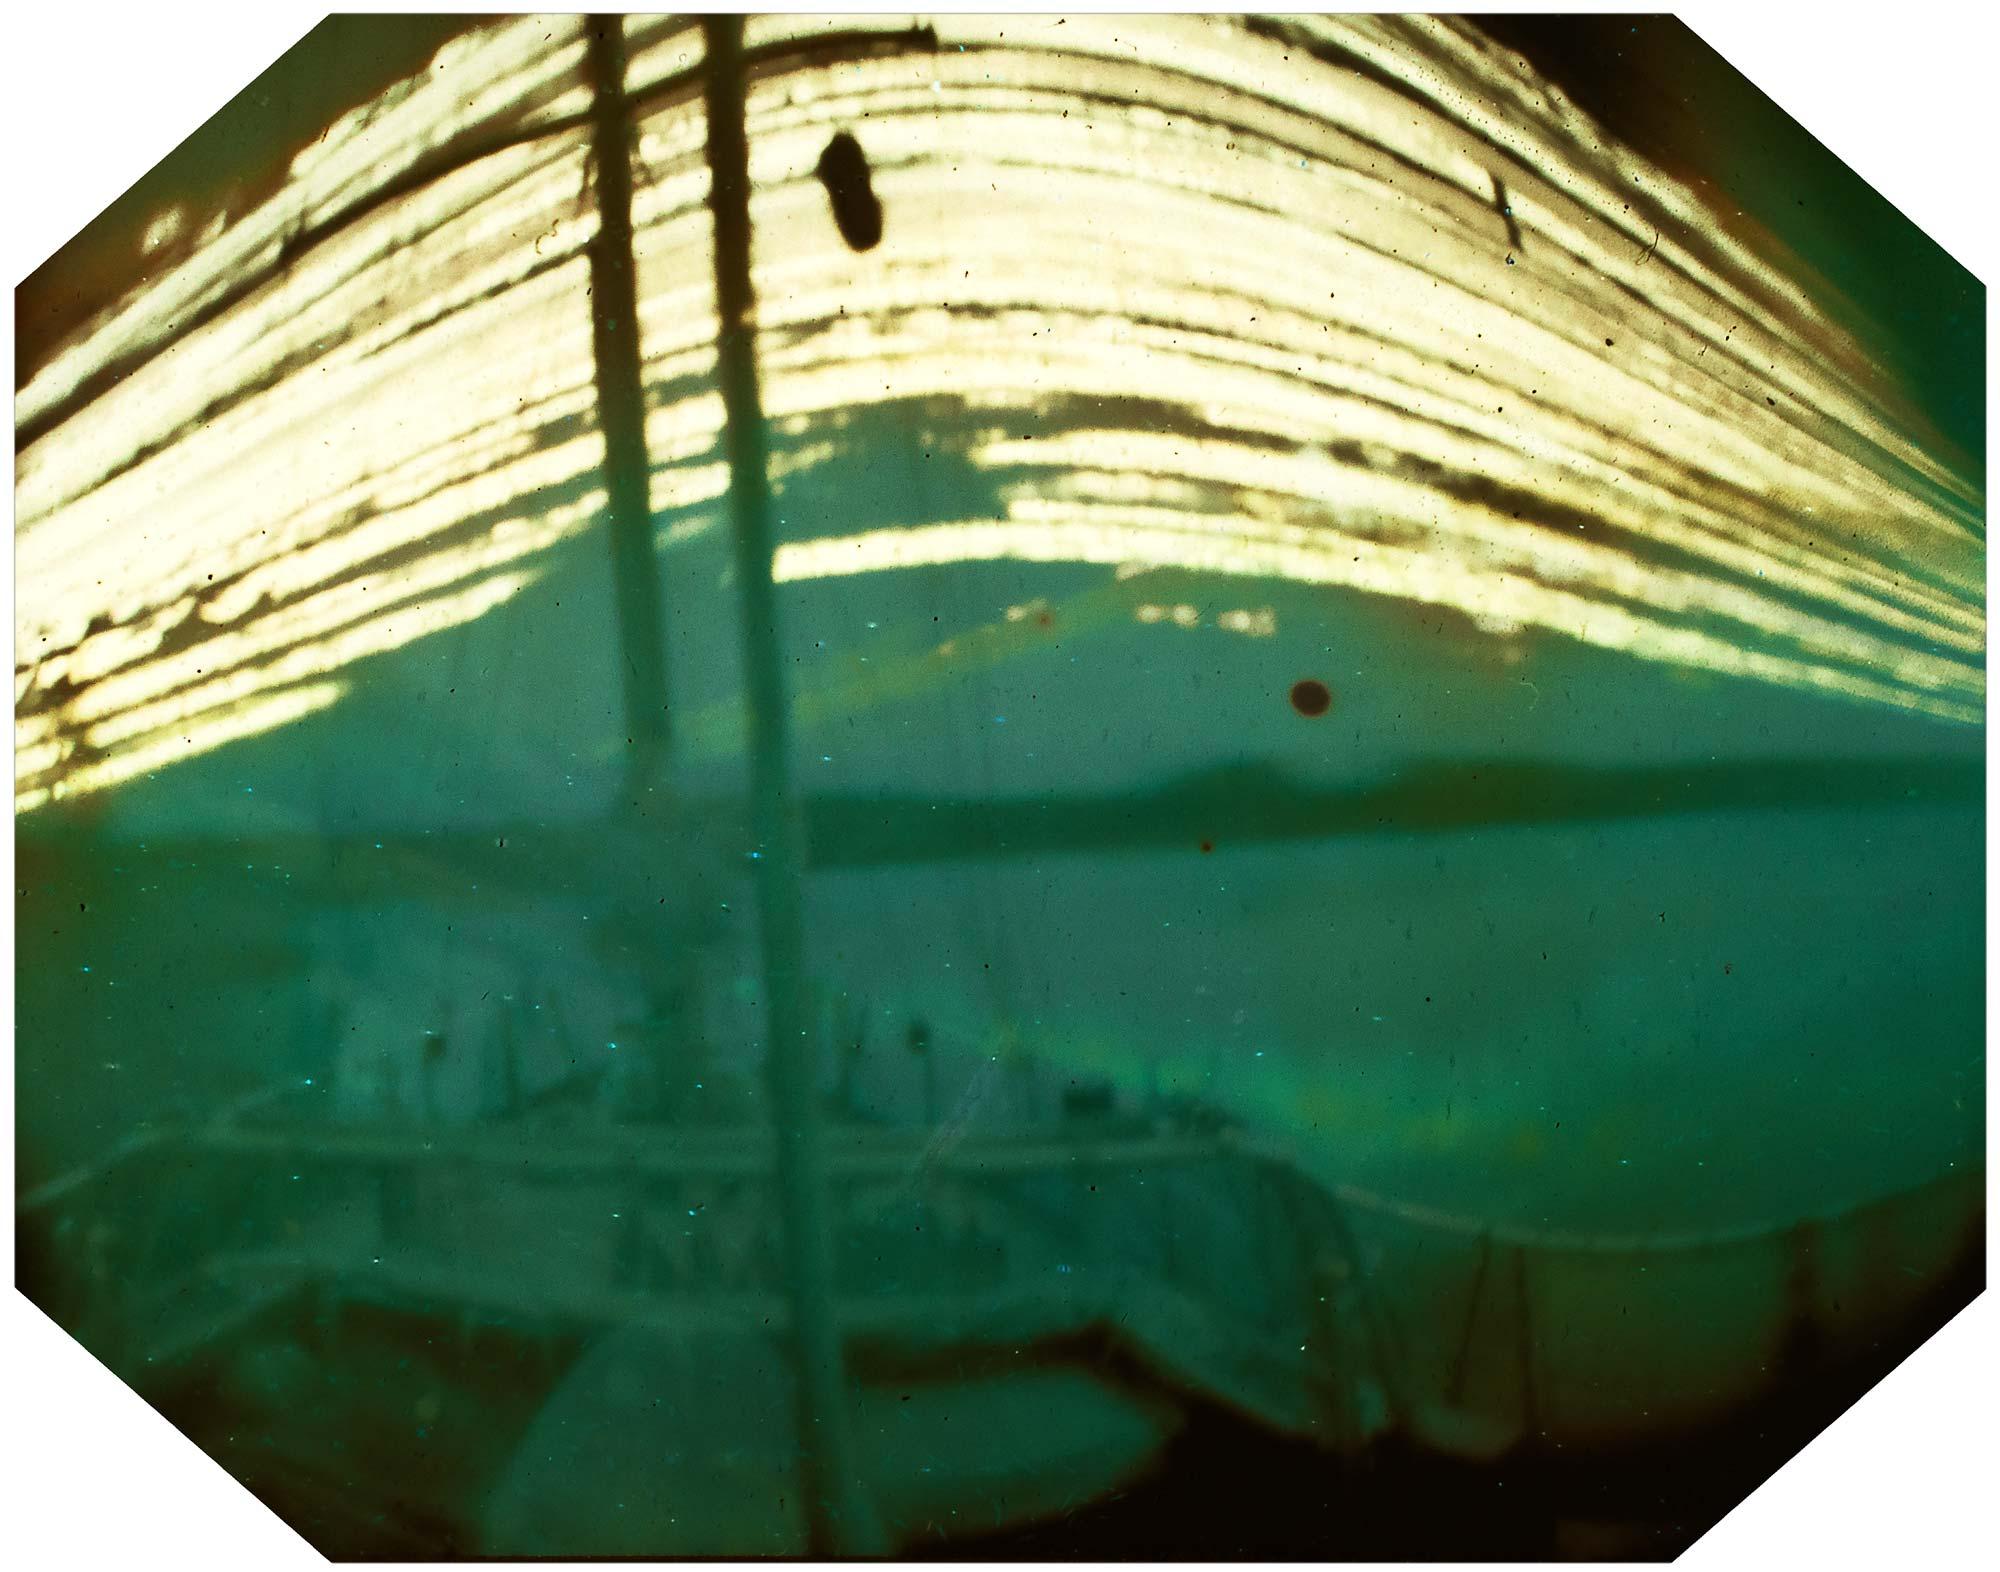 Mae-West-002-Greenland-ilulissat-fjord-pinhole-solargraphy